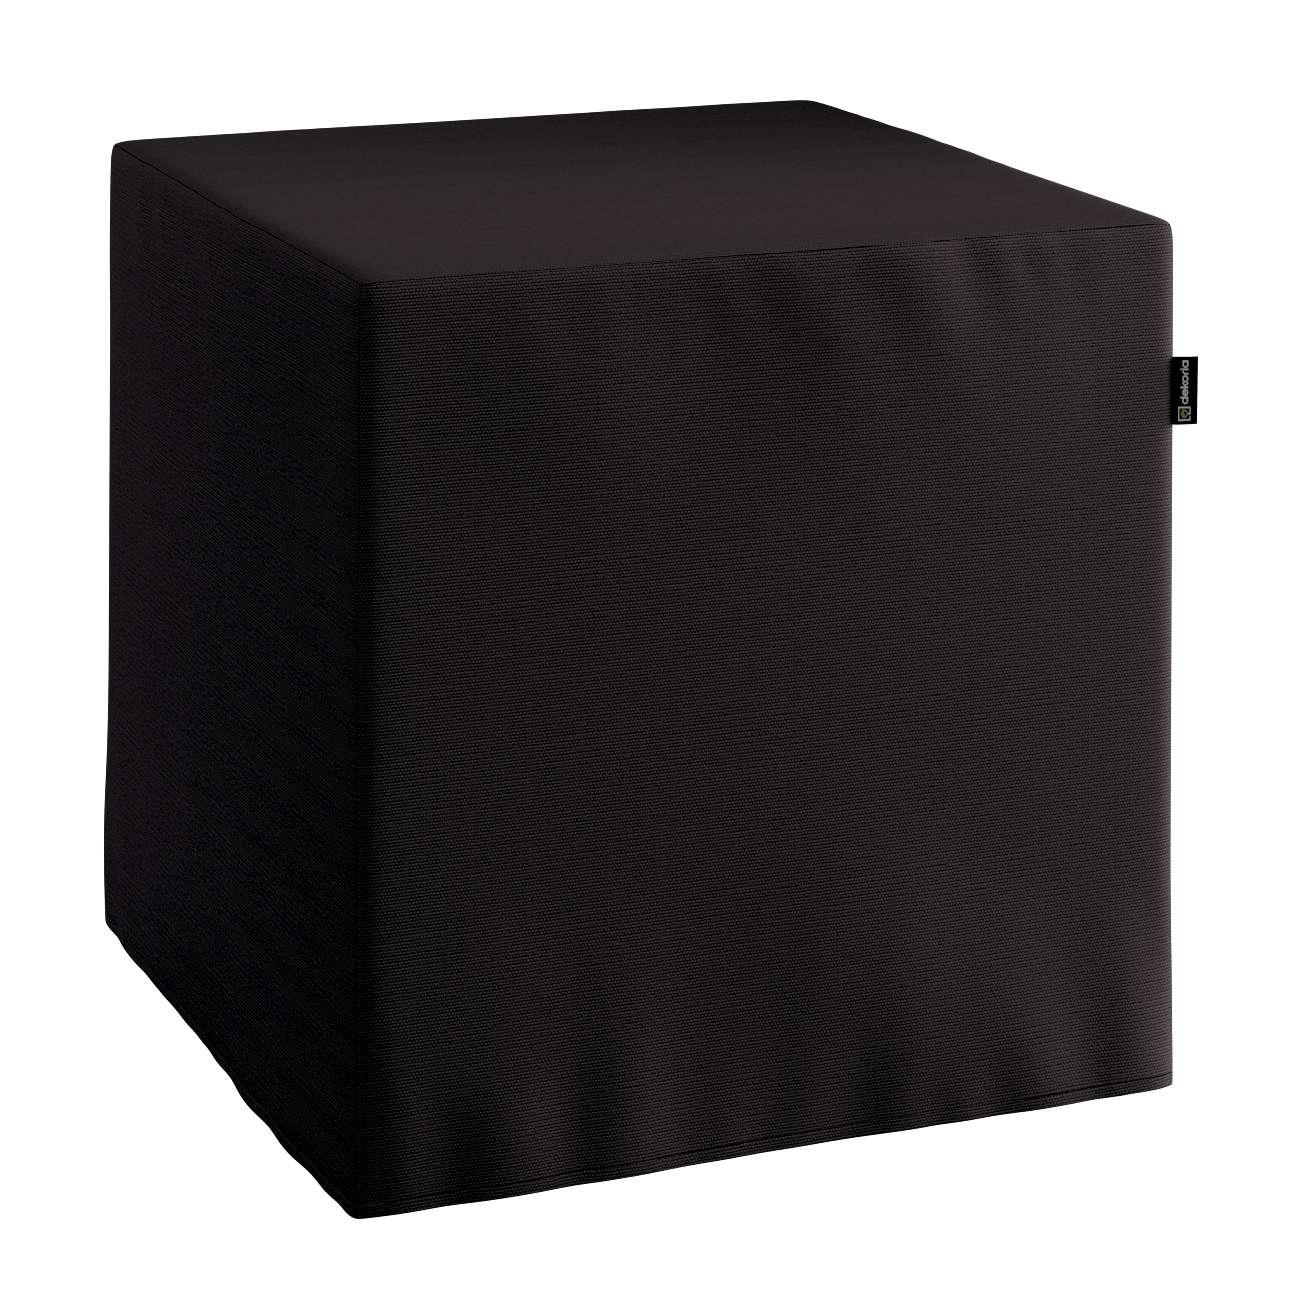 Pokrowiec na pufę kostke kostka 40x40x40 cm w kolekcji Cotton Panama, tkanina: 702-08